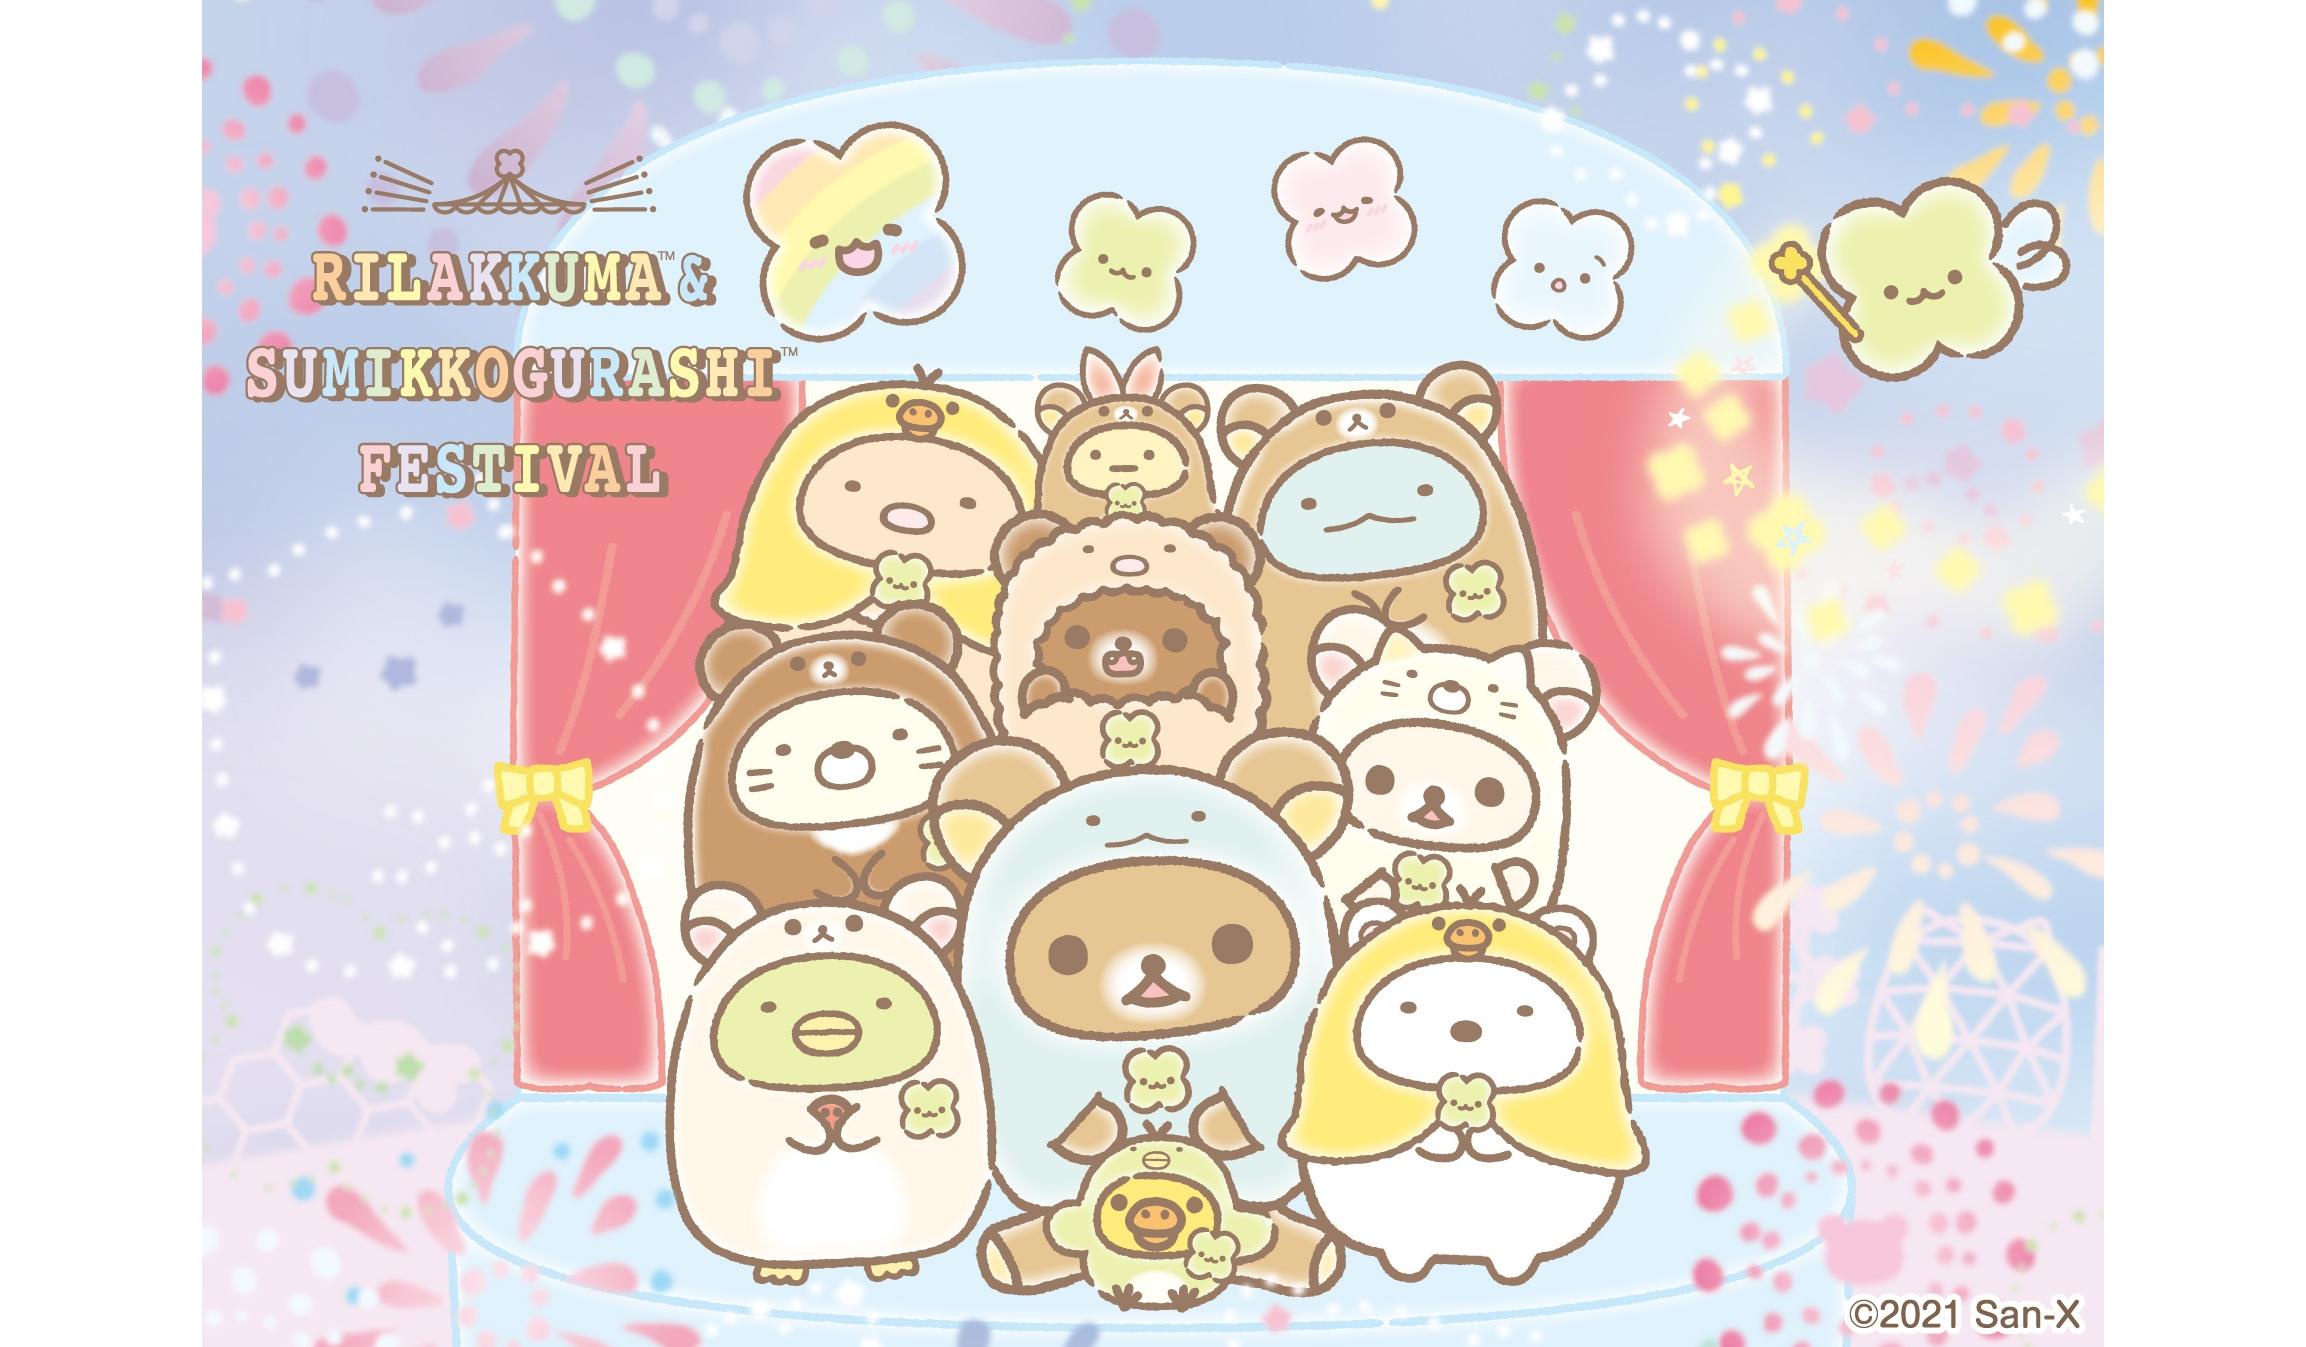 リラックマ&すみっコぐらしフェスティバル 札幌会場1